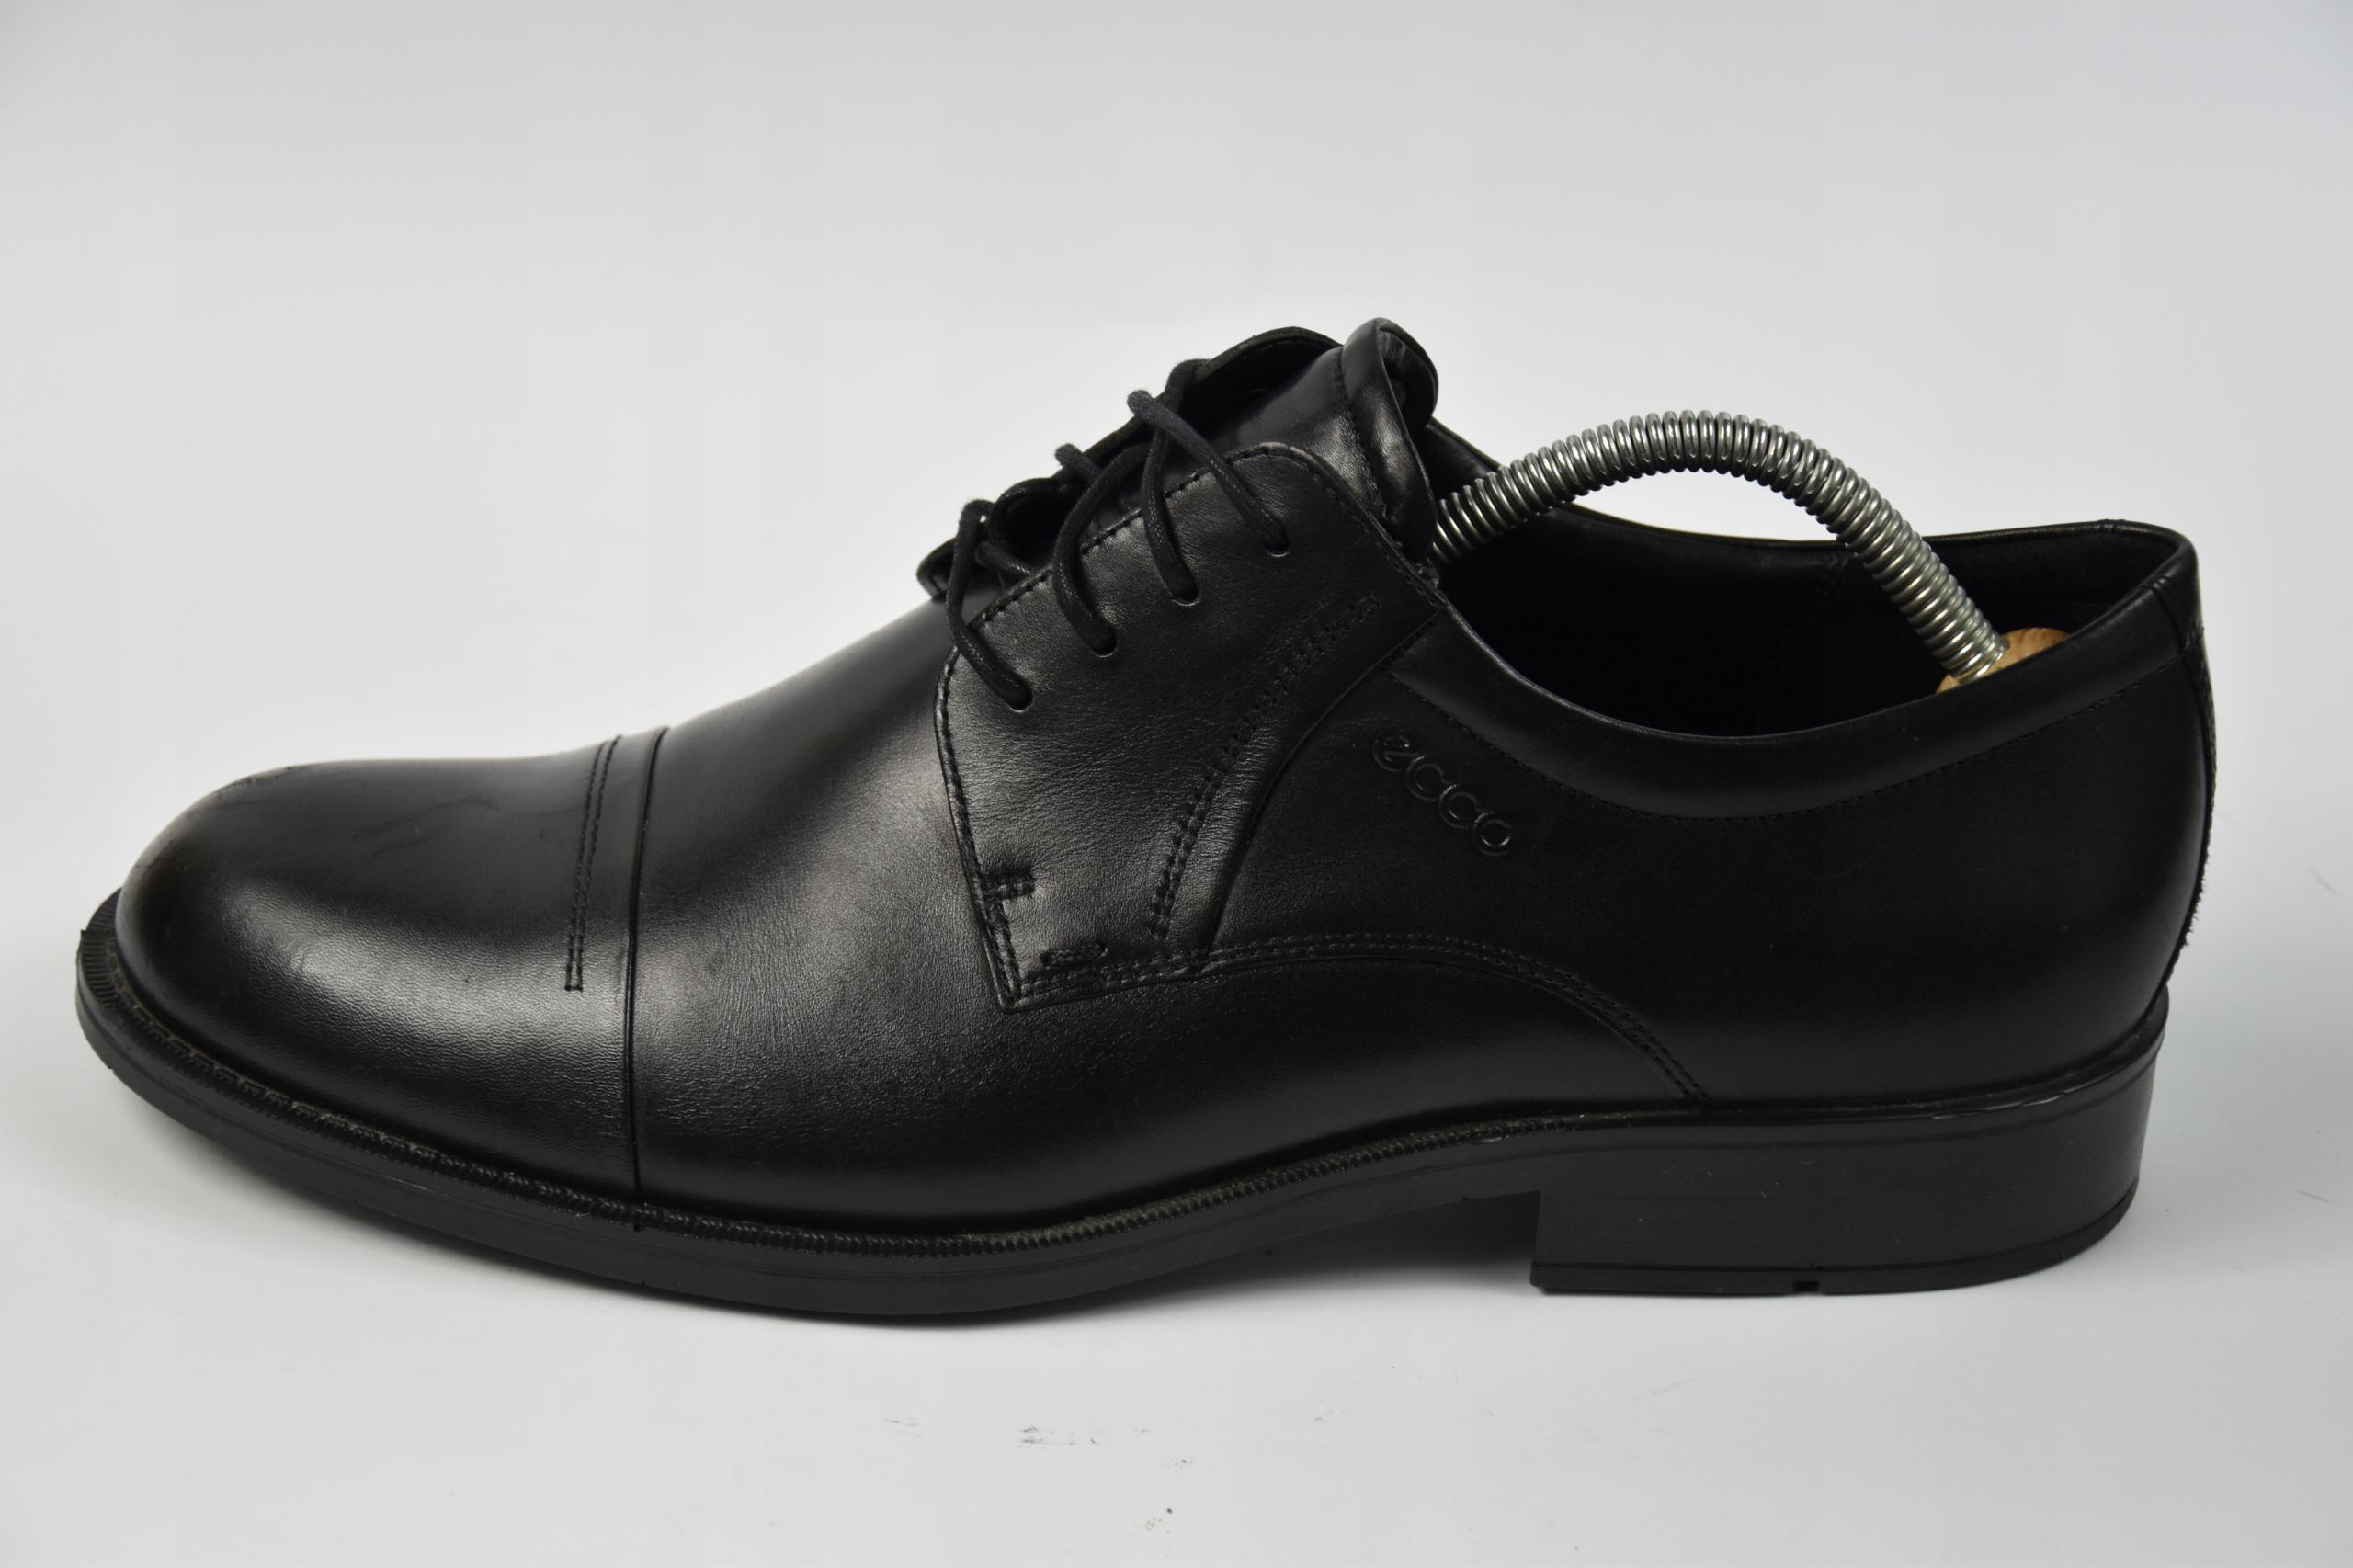 Ecco buty skórzane r.44/29cm